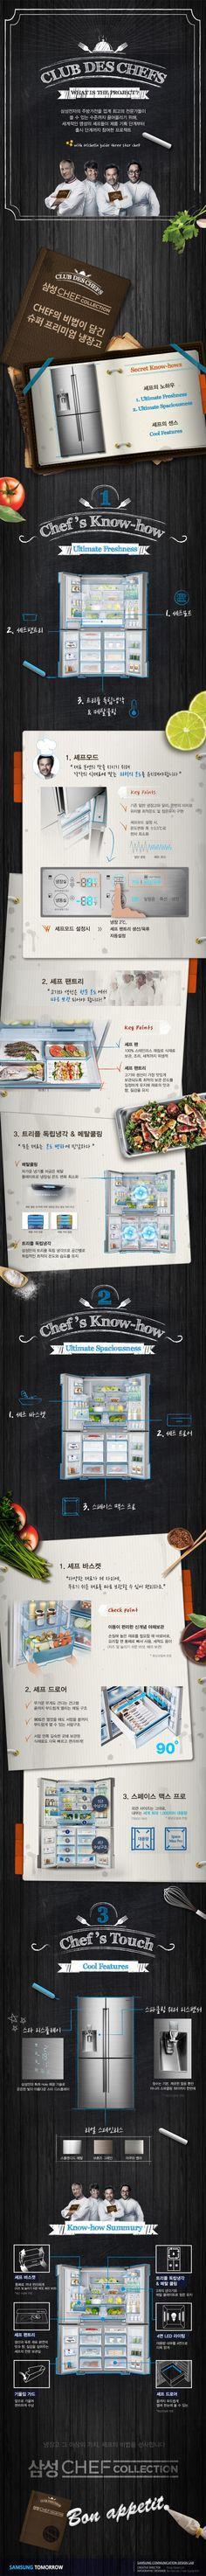 삼성전자의 프리미엄 냉장고 '셰프 컬렉션' 냉장고를 소개하는 인포그래픽.